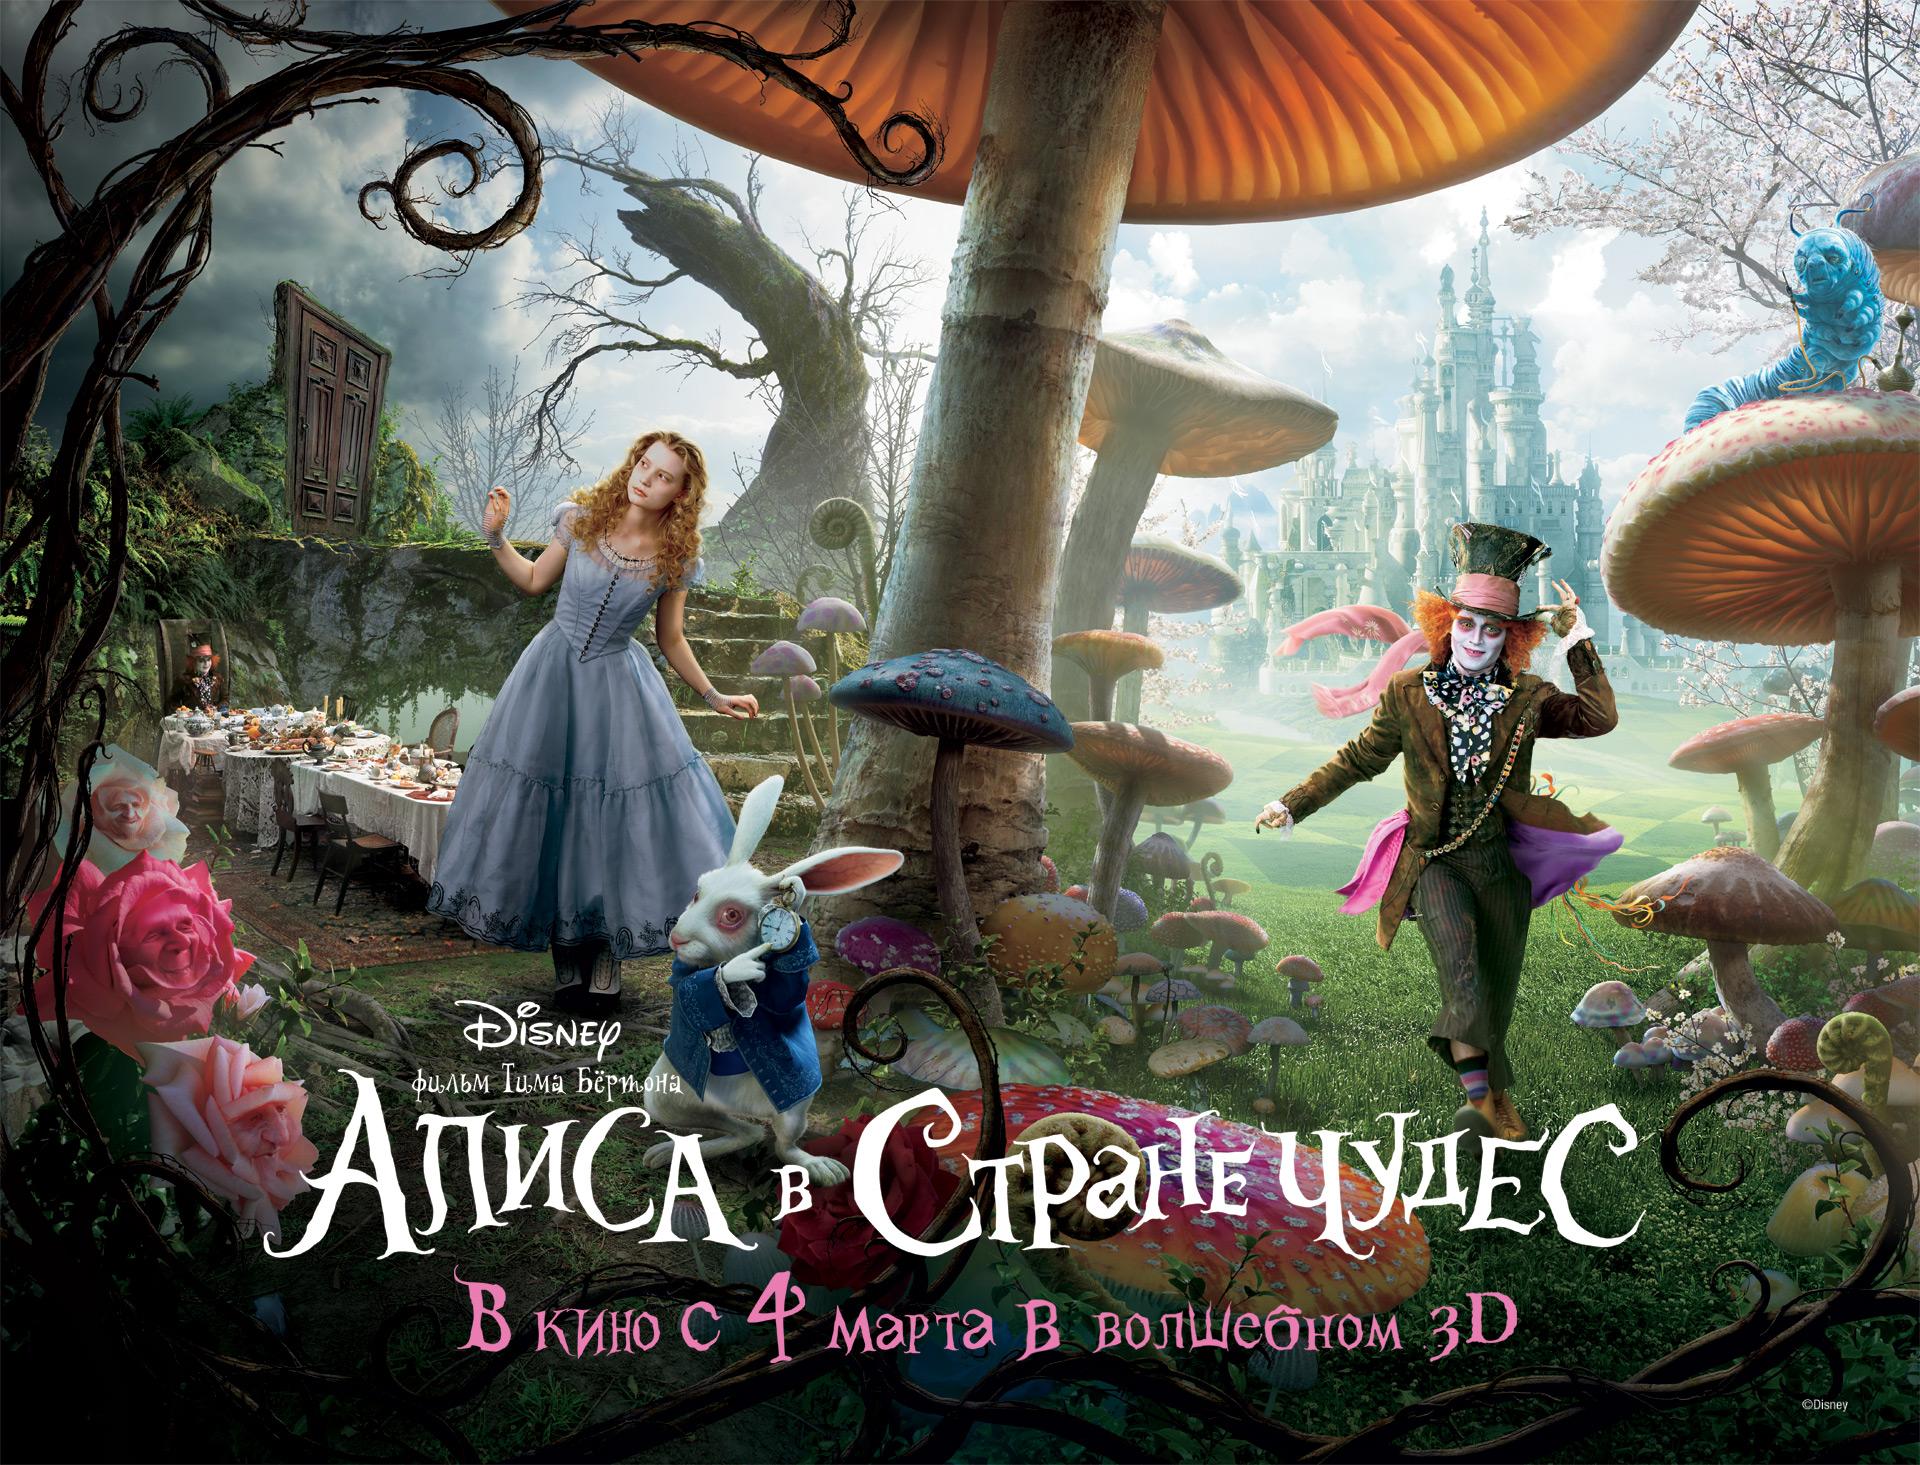 Алиса в стране поро чудес фильм фото 280-500